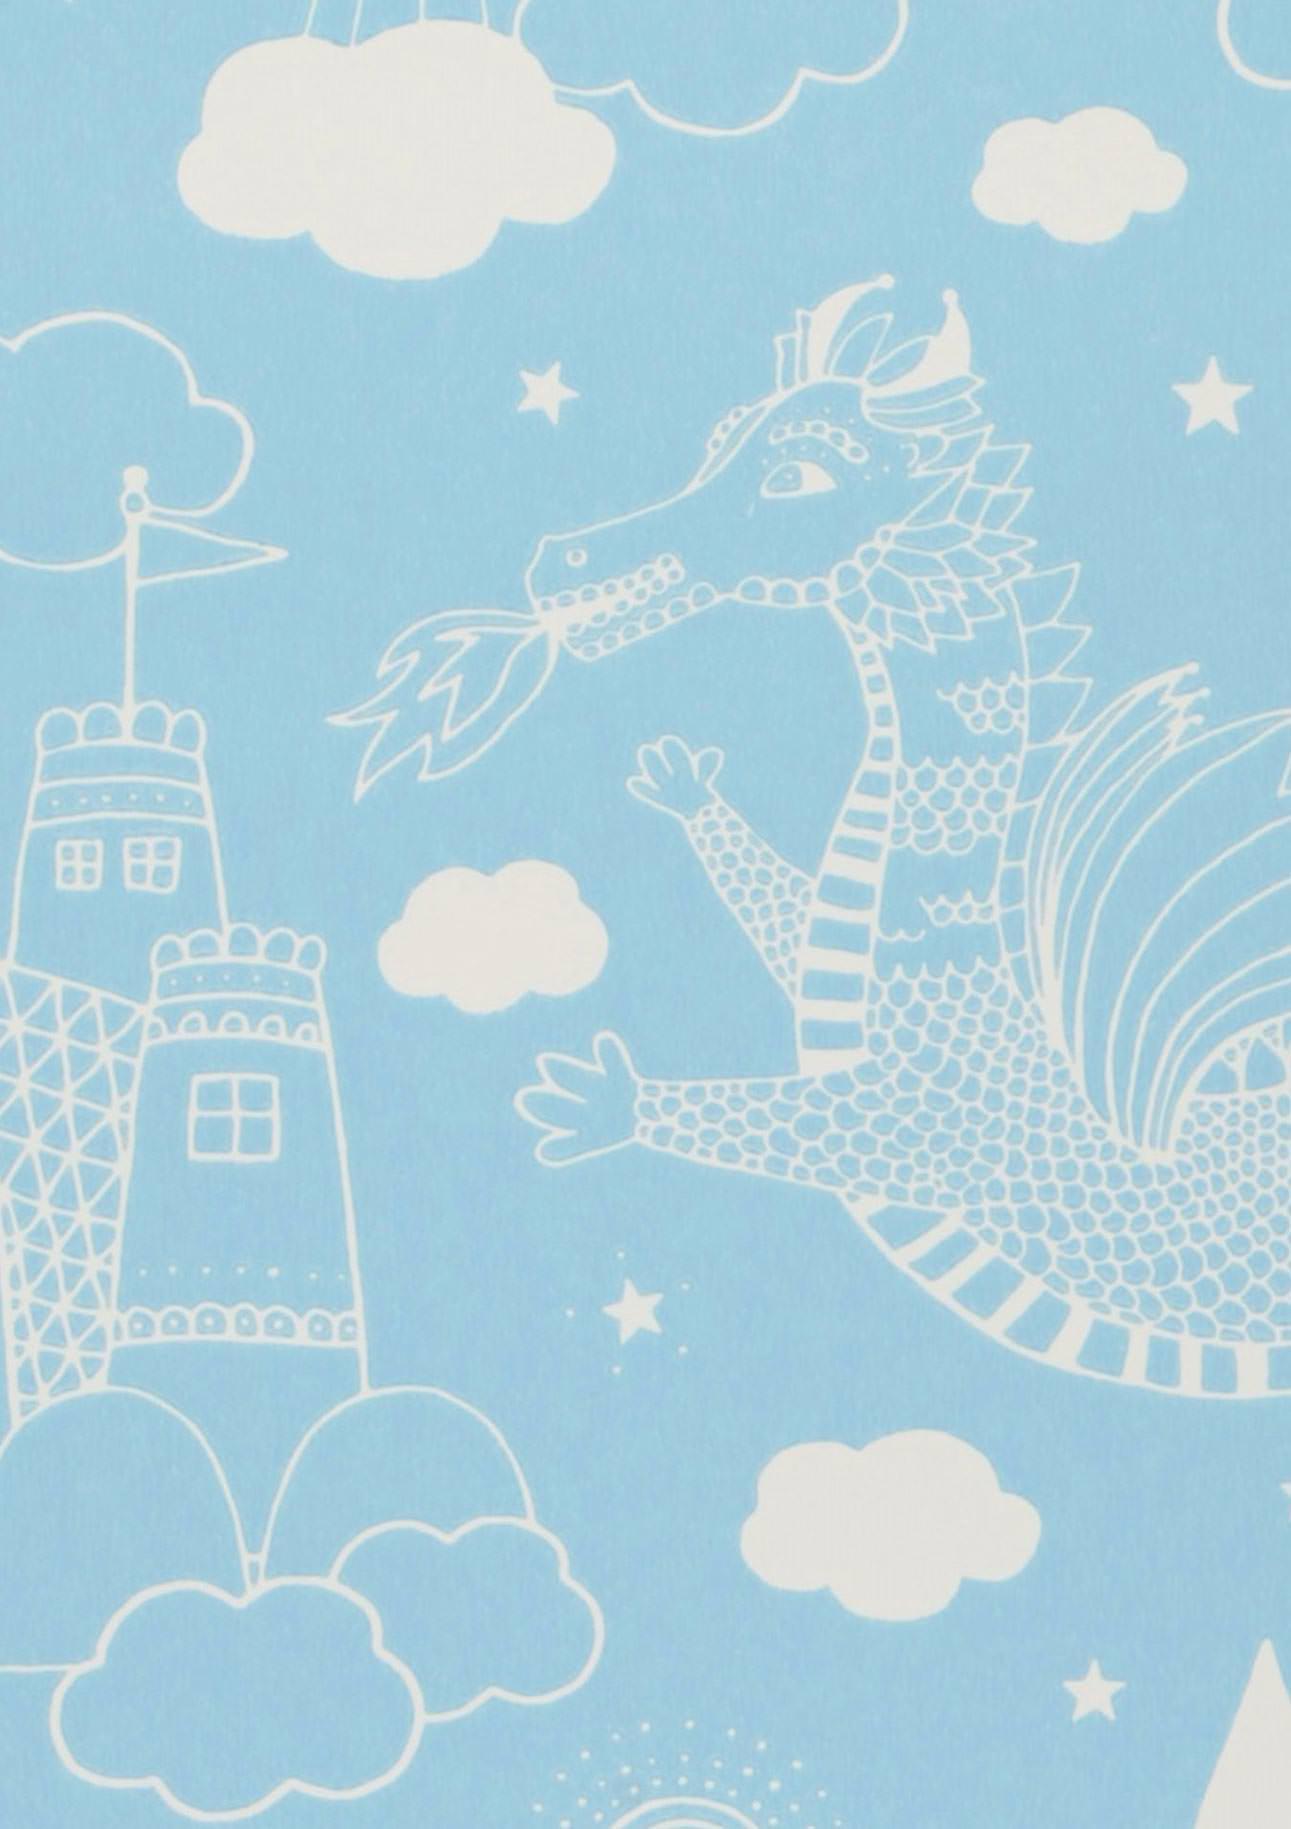 Tapete drakhimlen hellblau weiss tapeten der 70er for Tapete hellblau muster